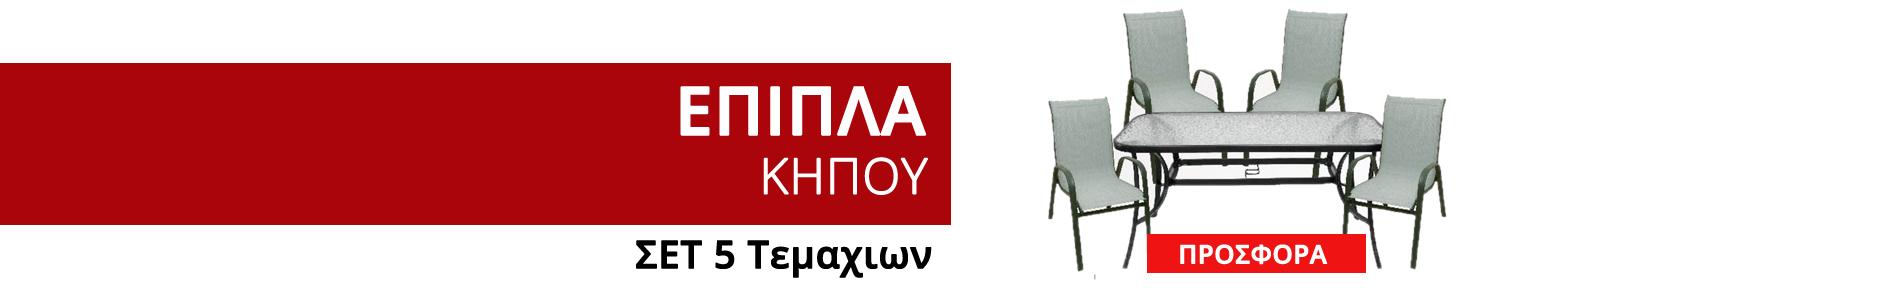 Σετ 5 Τεμαχίων Τραπέζι παραλ/μο μεταλλικό 4 καρέκλες μεταλλικές